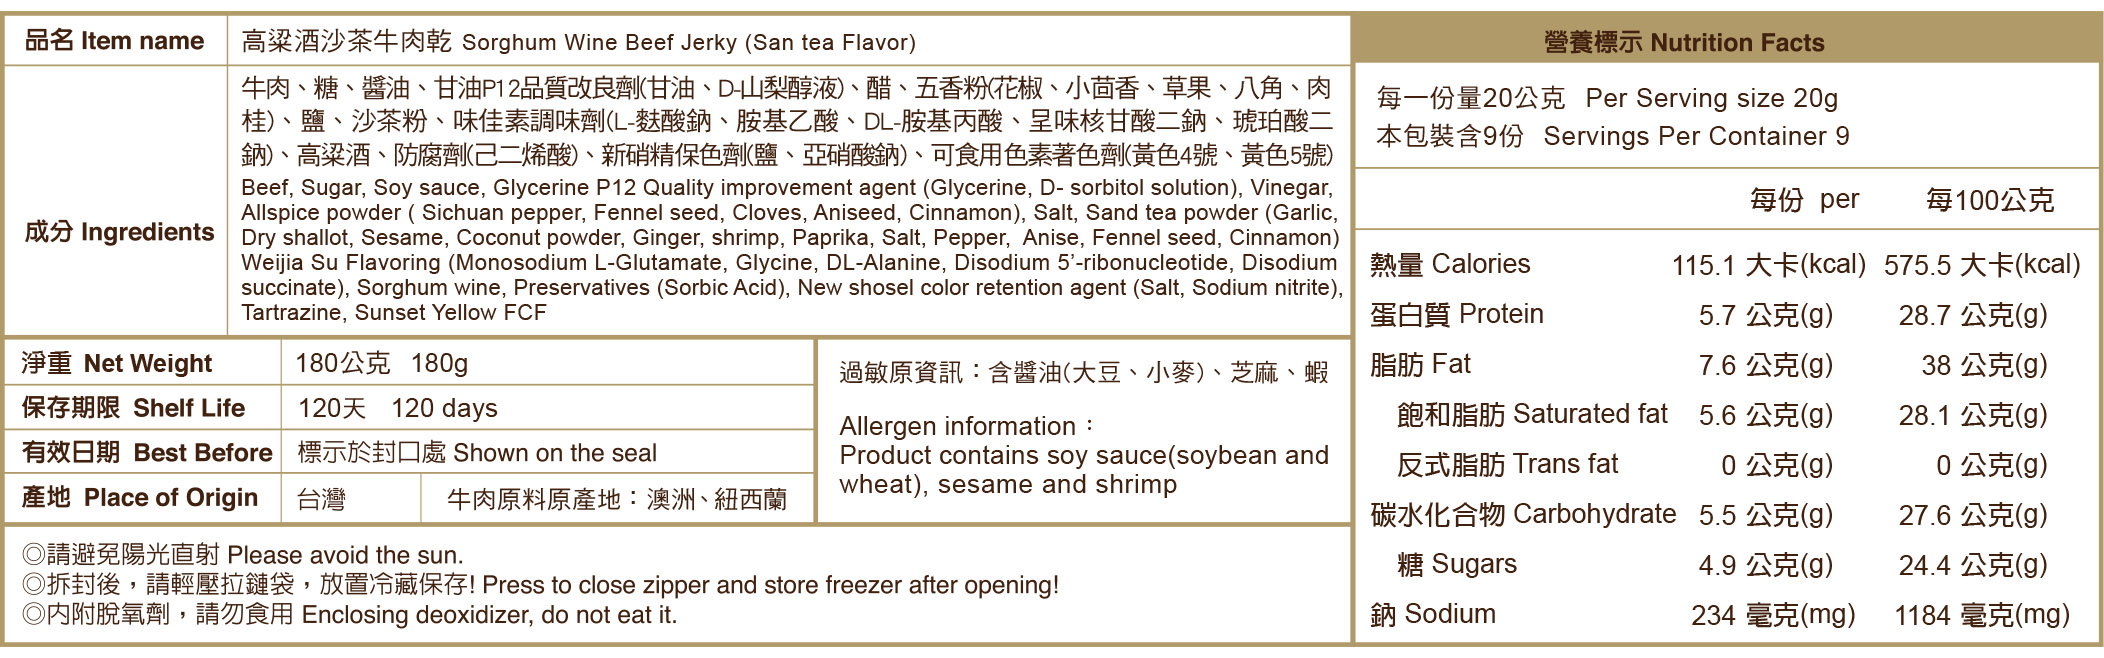 高粱酒沙茶牛肉乾標示說明